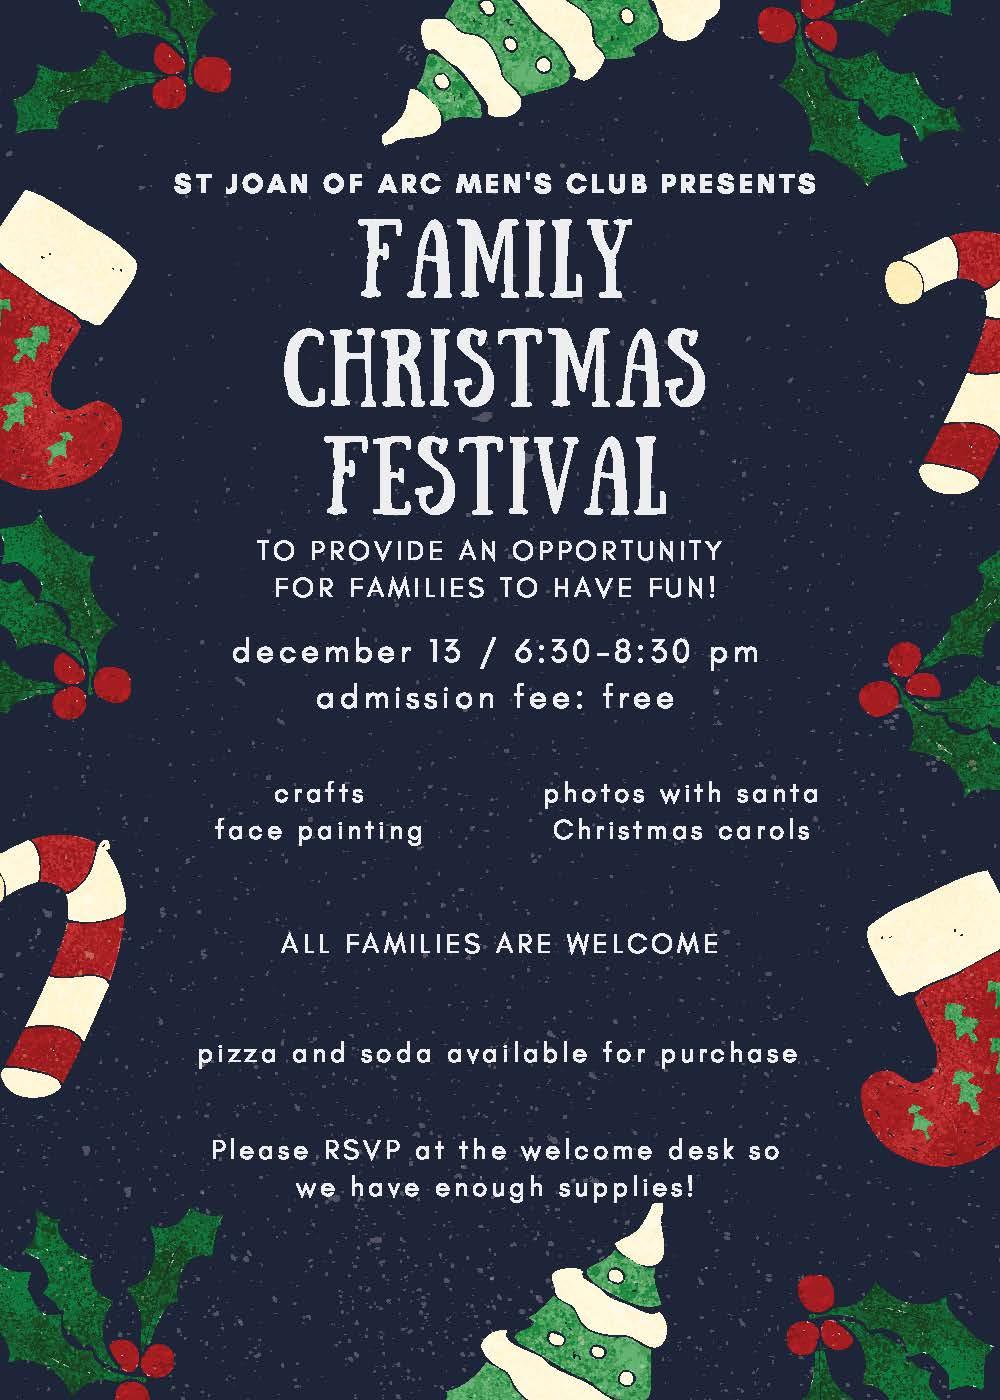 Family Christmas Festival